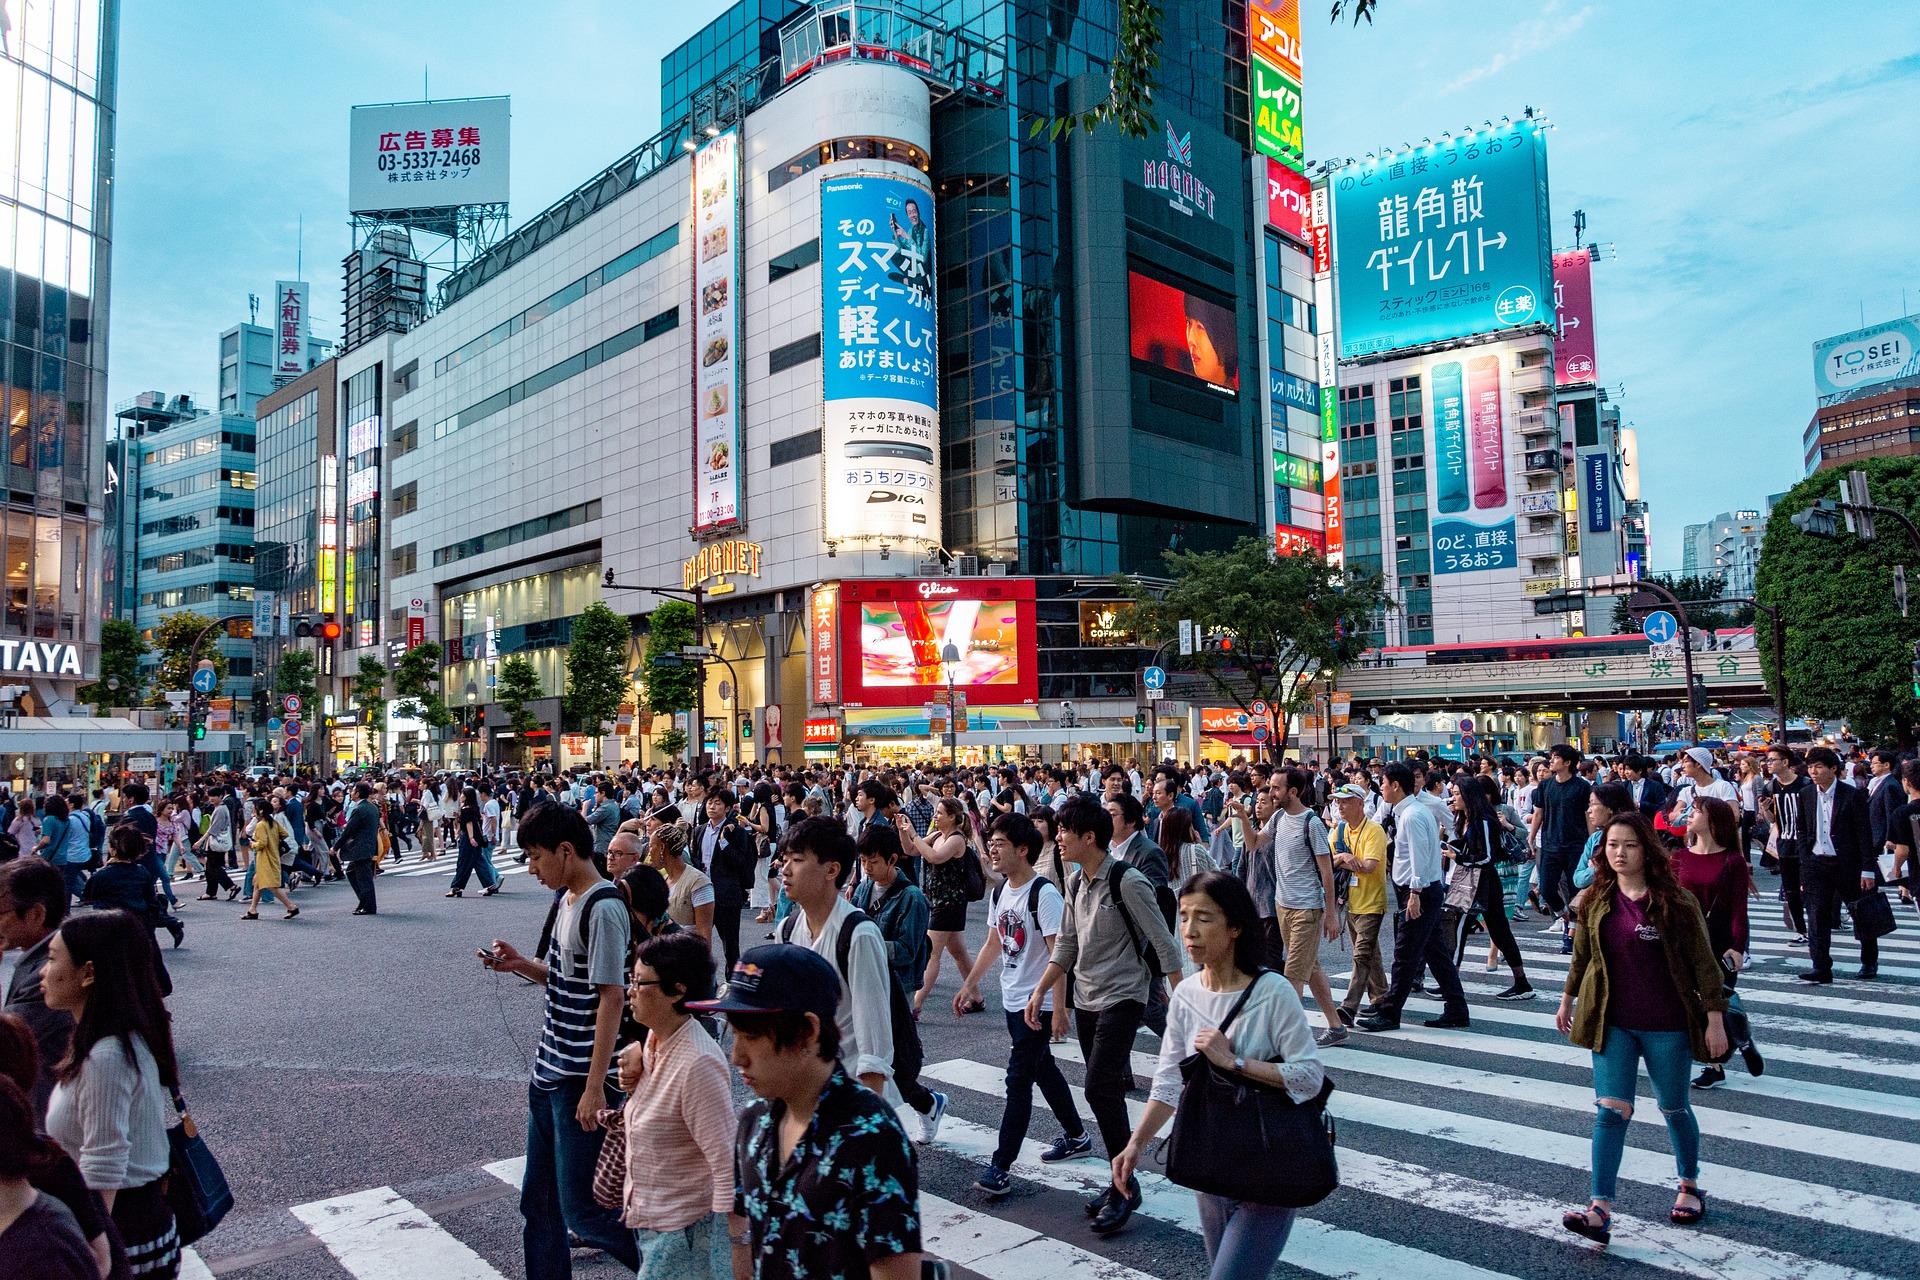 日本での人種差別の現状